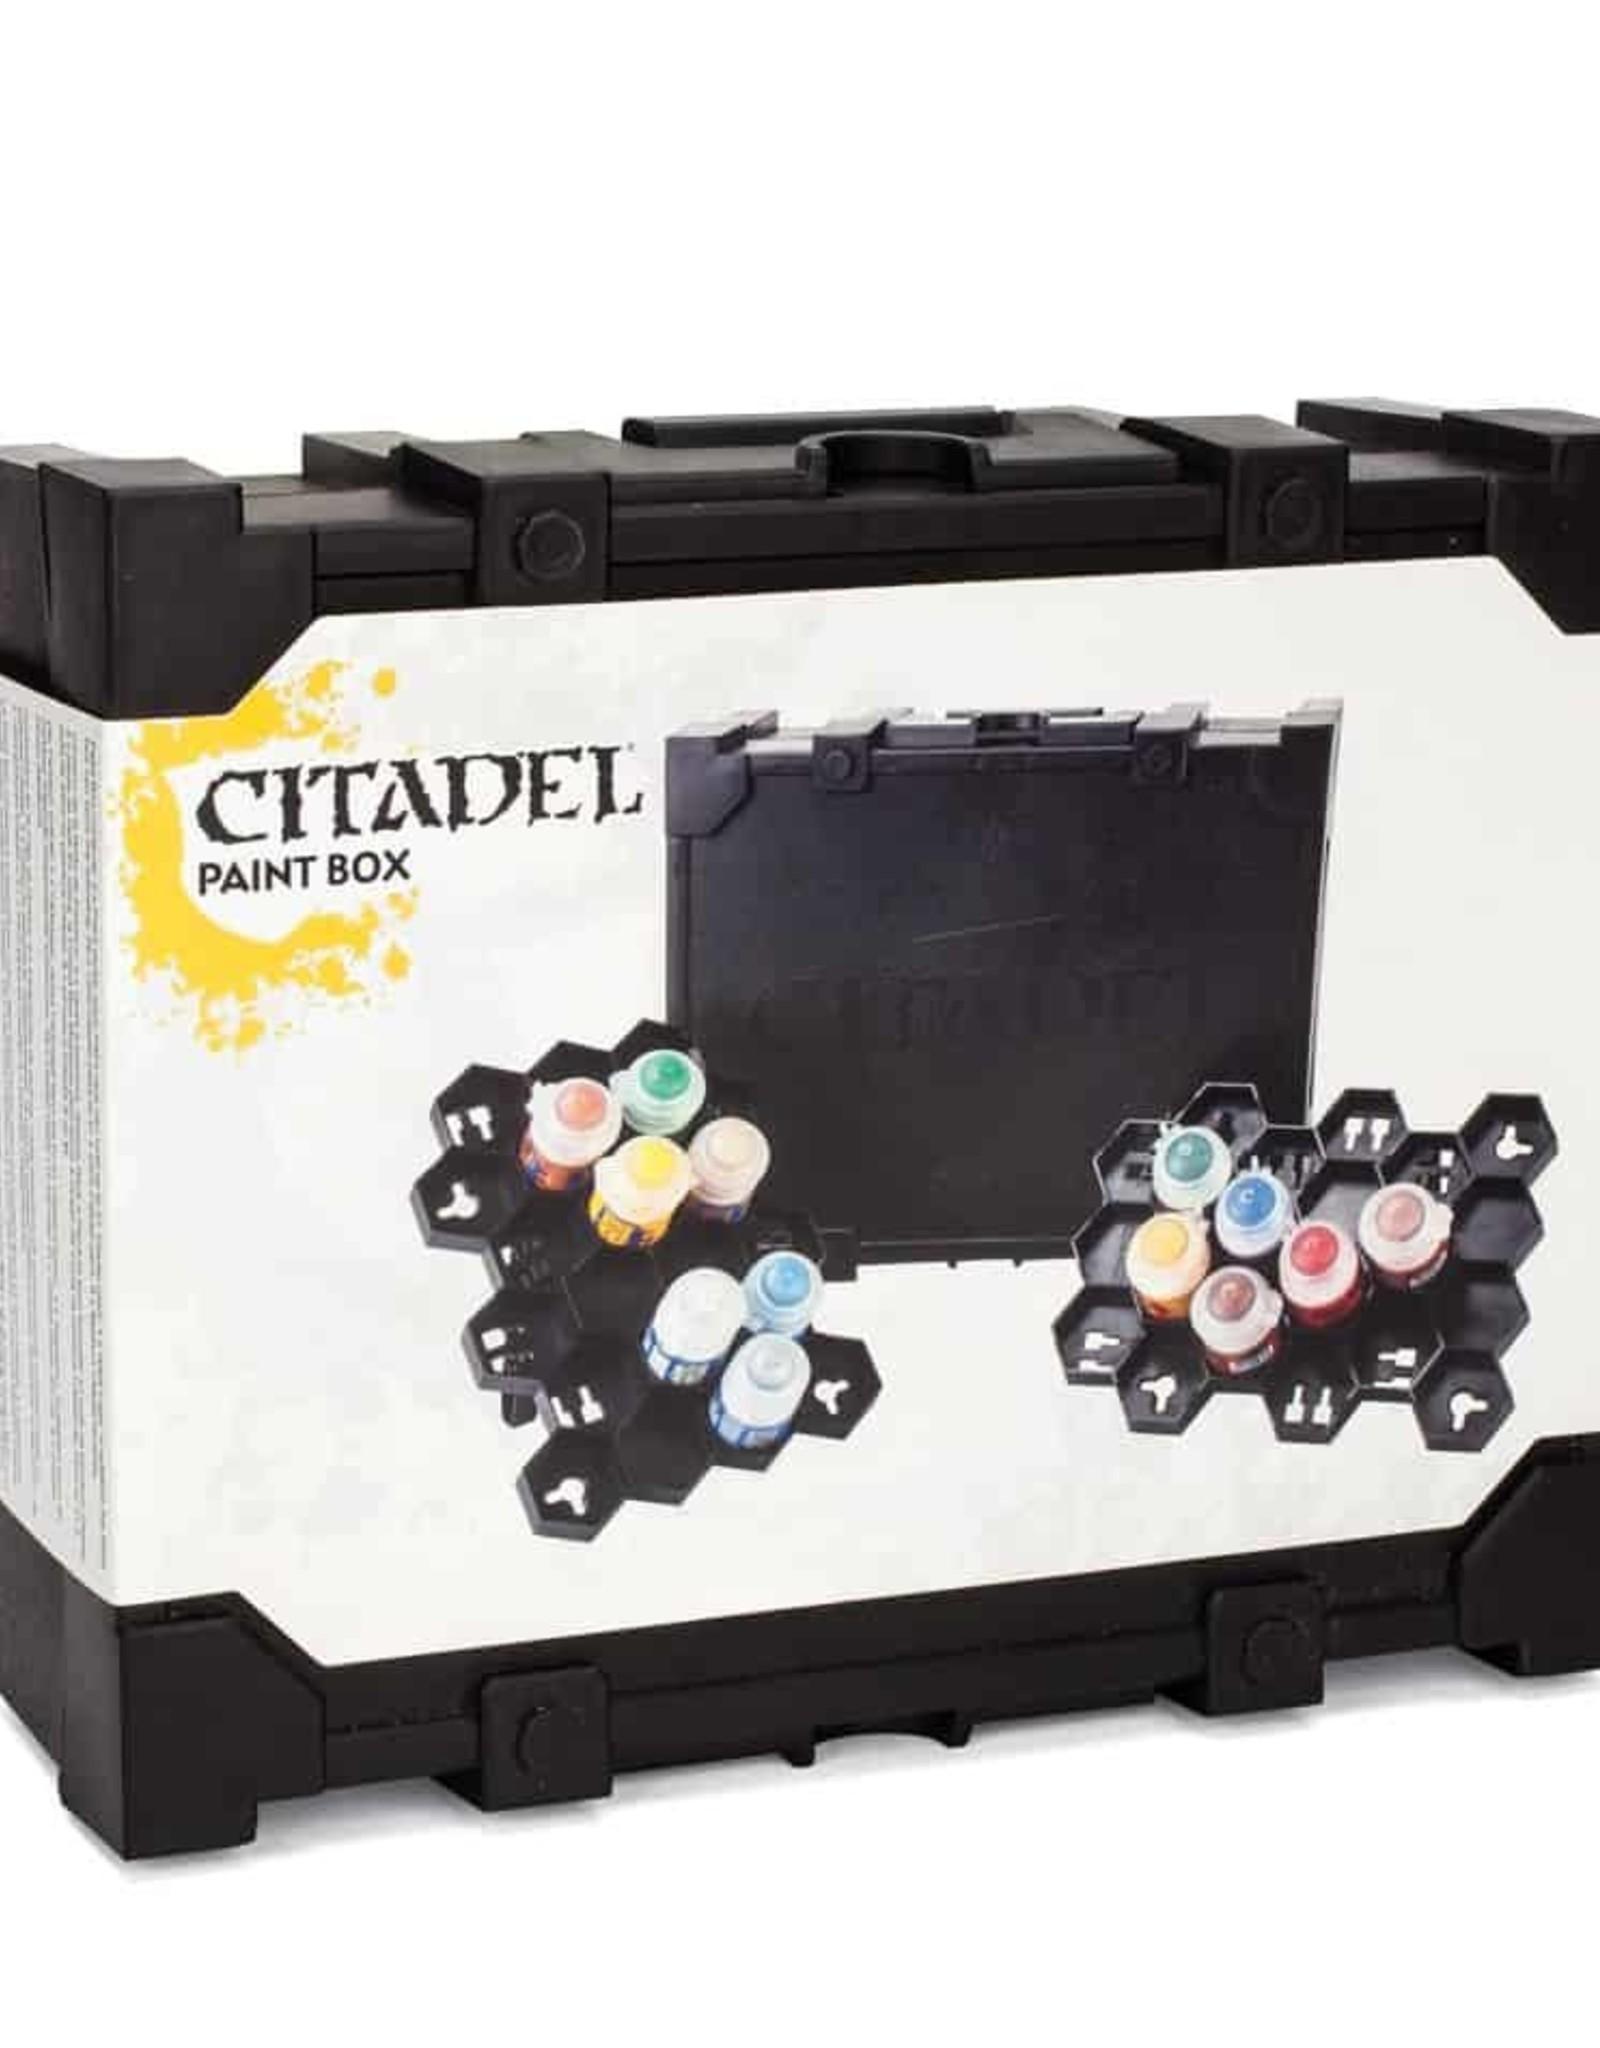 Games Workshop Citadel: Paint Box